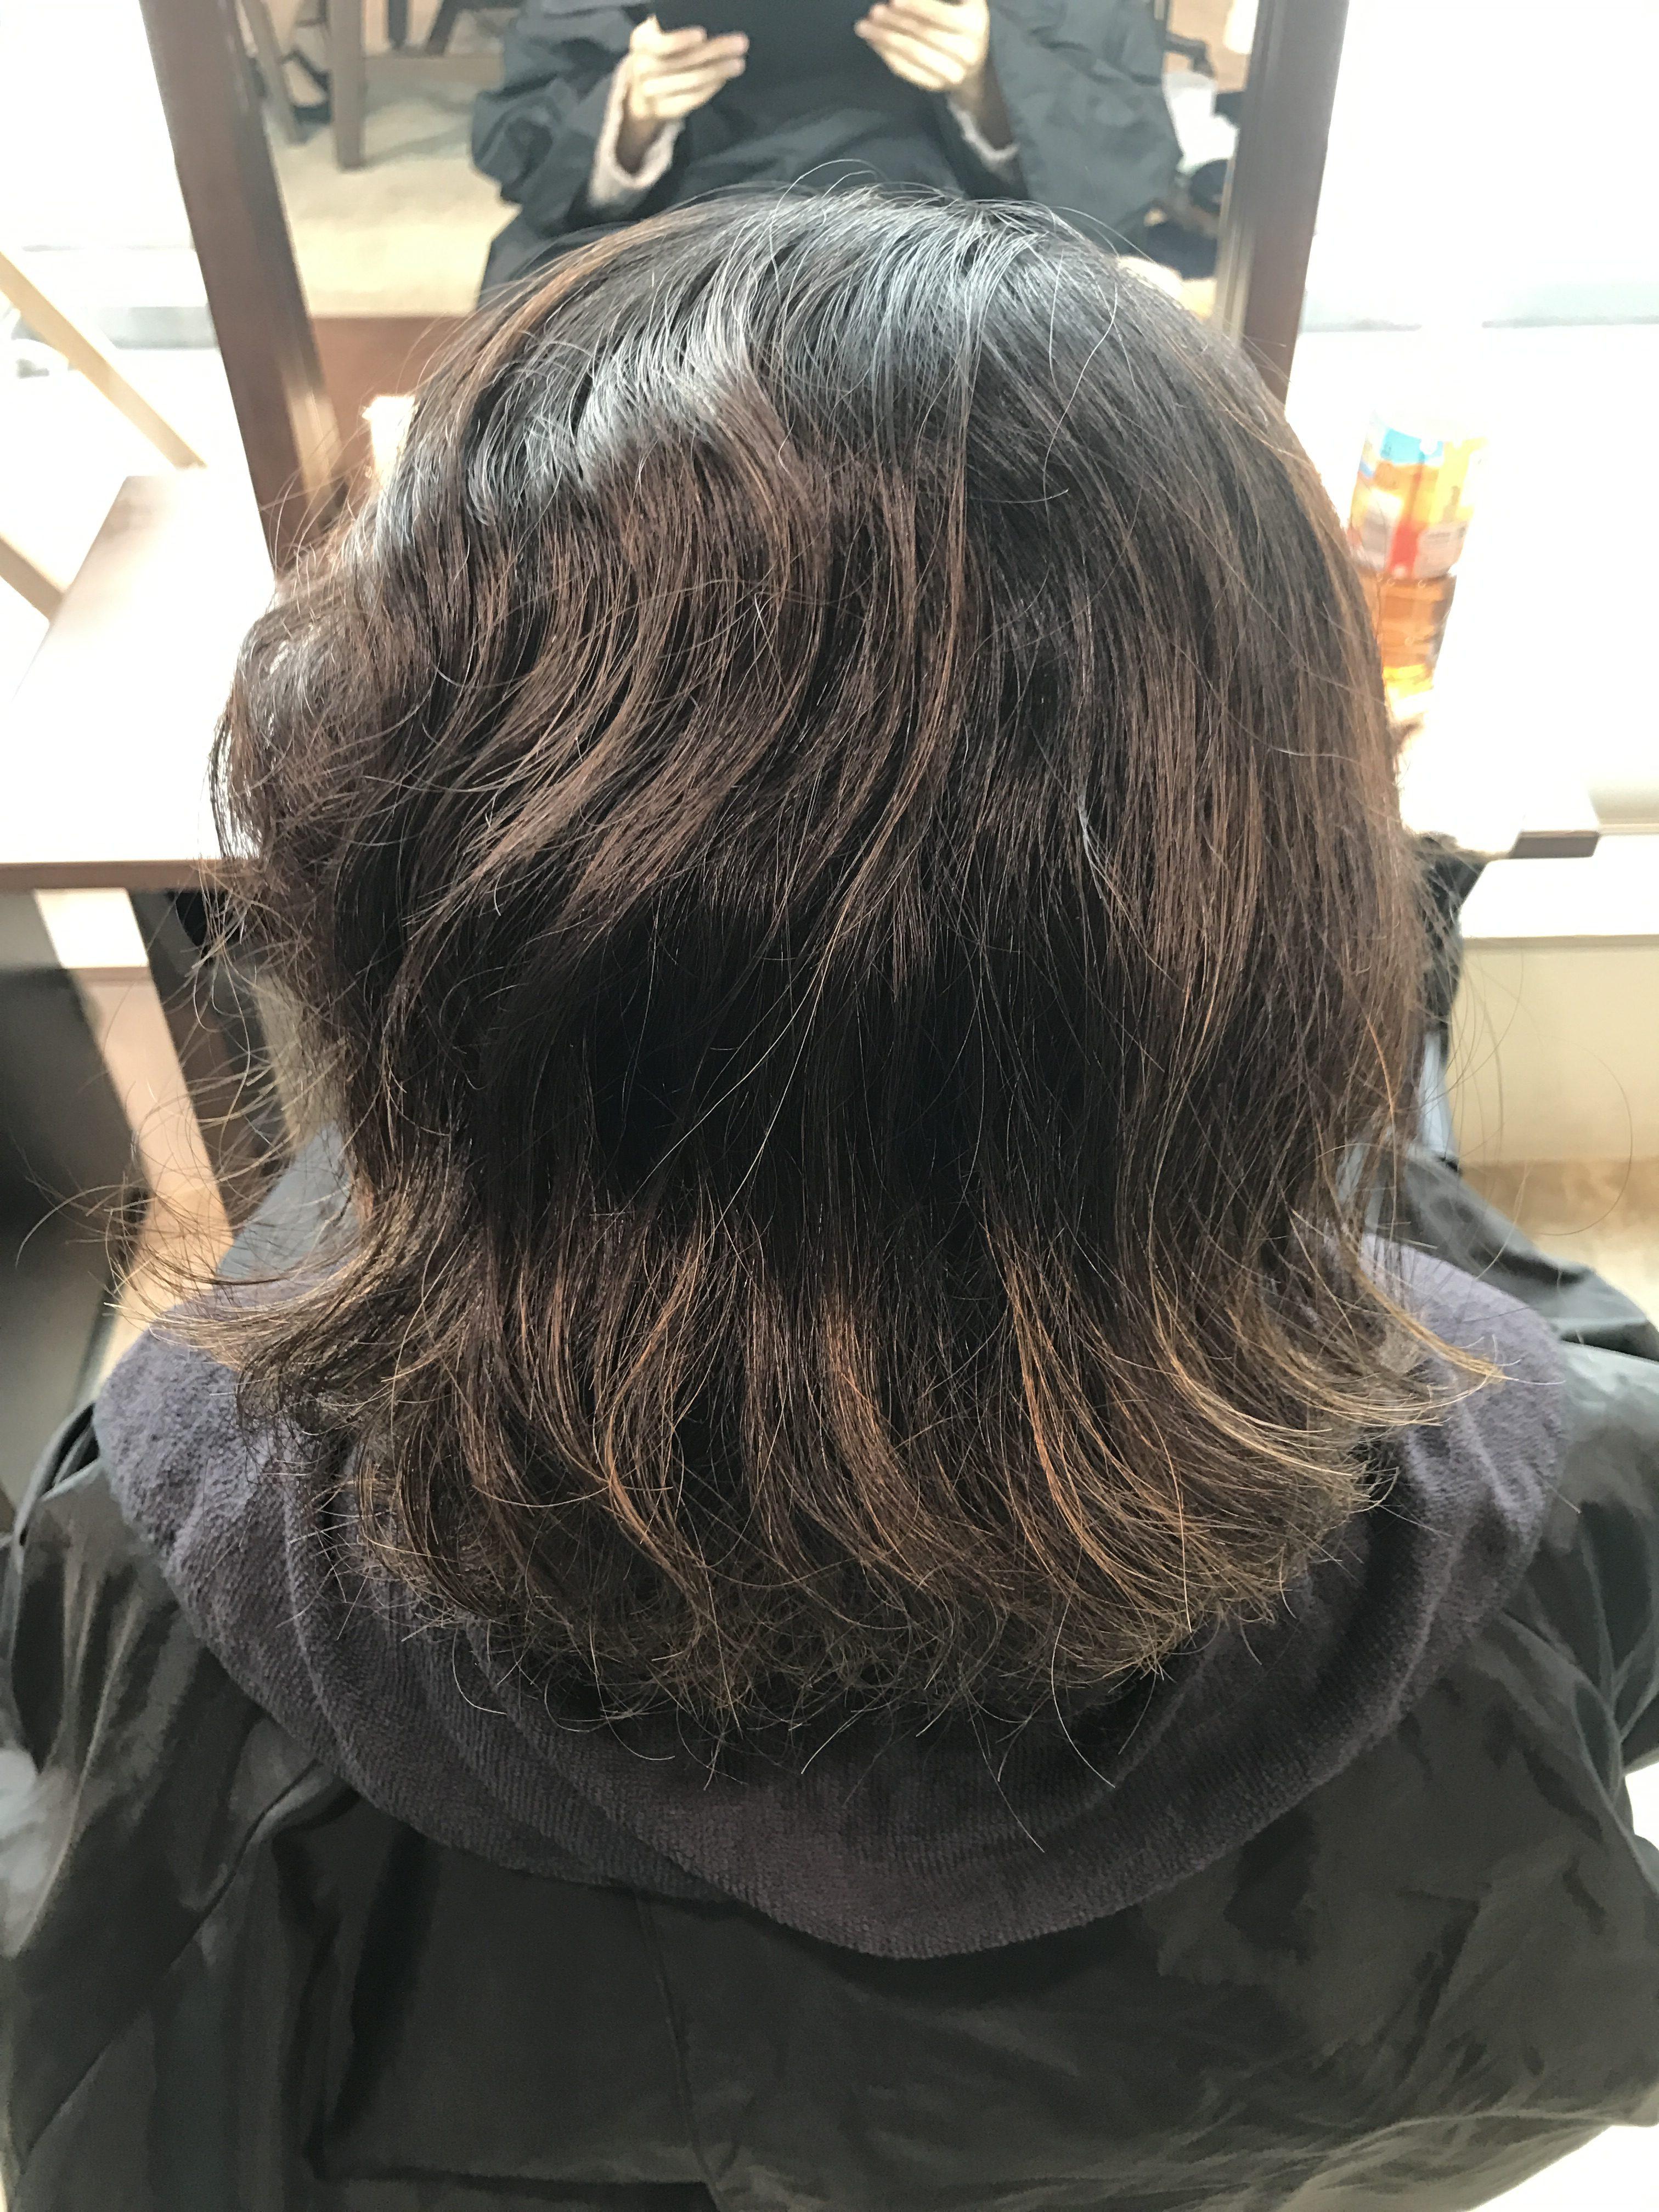 施術写真。髪質硬めしっかり×ハイライト履歴ありのハイダメージ